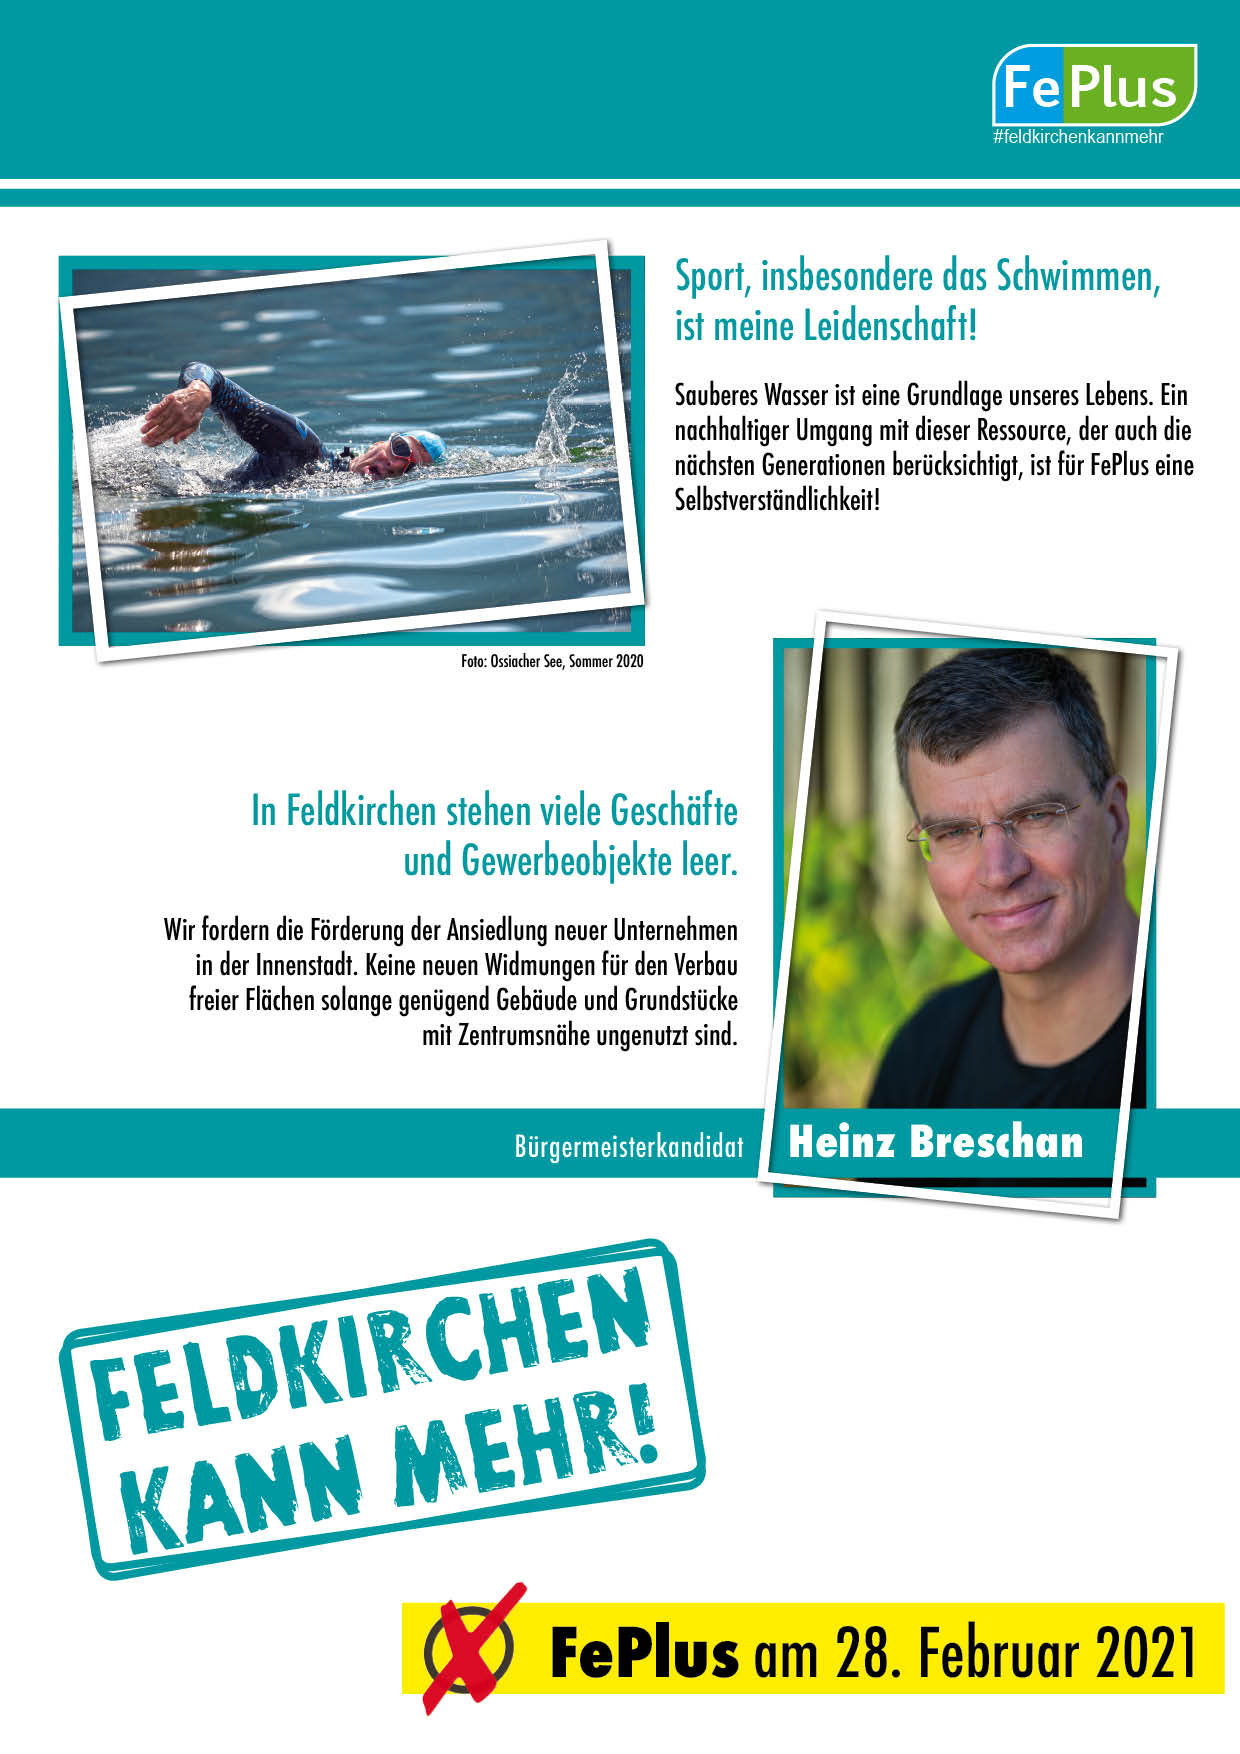 Bürgermeisterkandidat Heinz Breschan